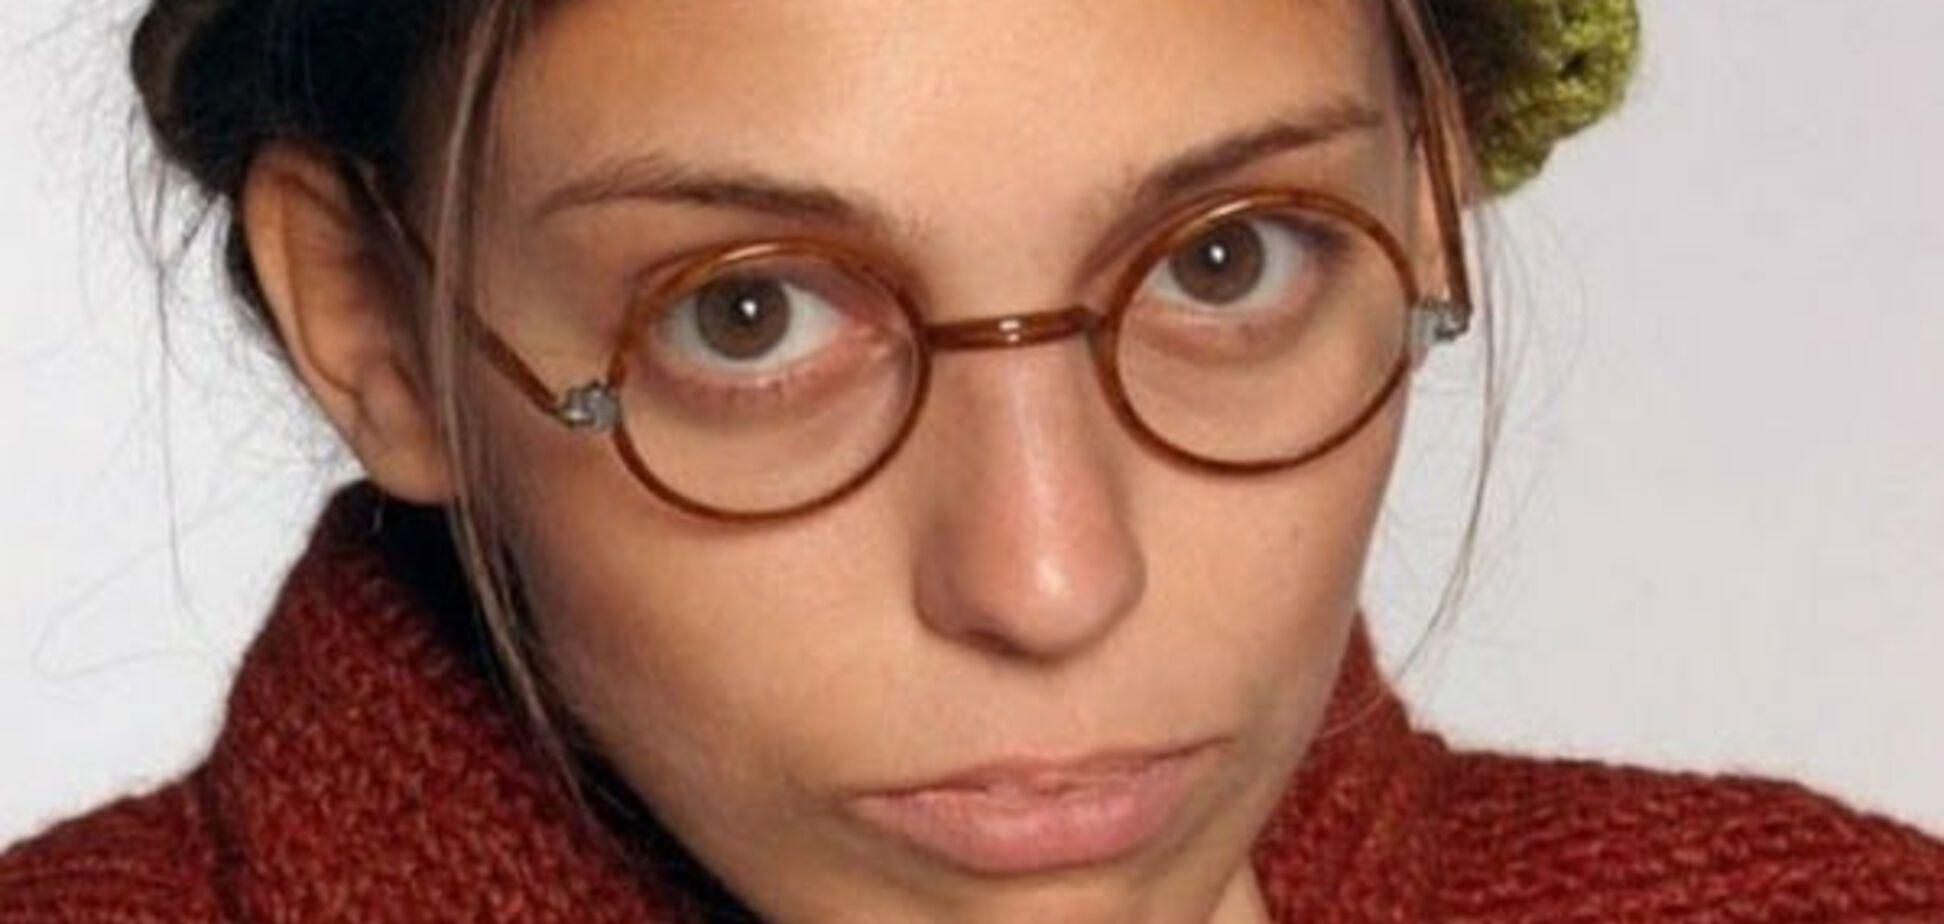 Катю Пушкареву не узнать: звезда 'Не родись красивой' сильно изменилась